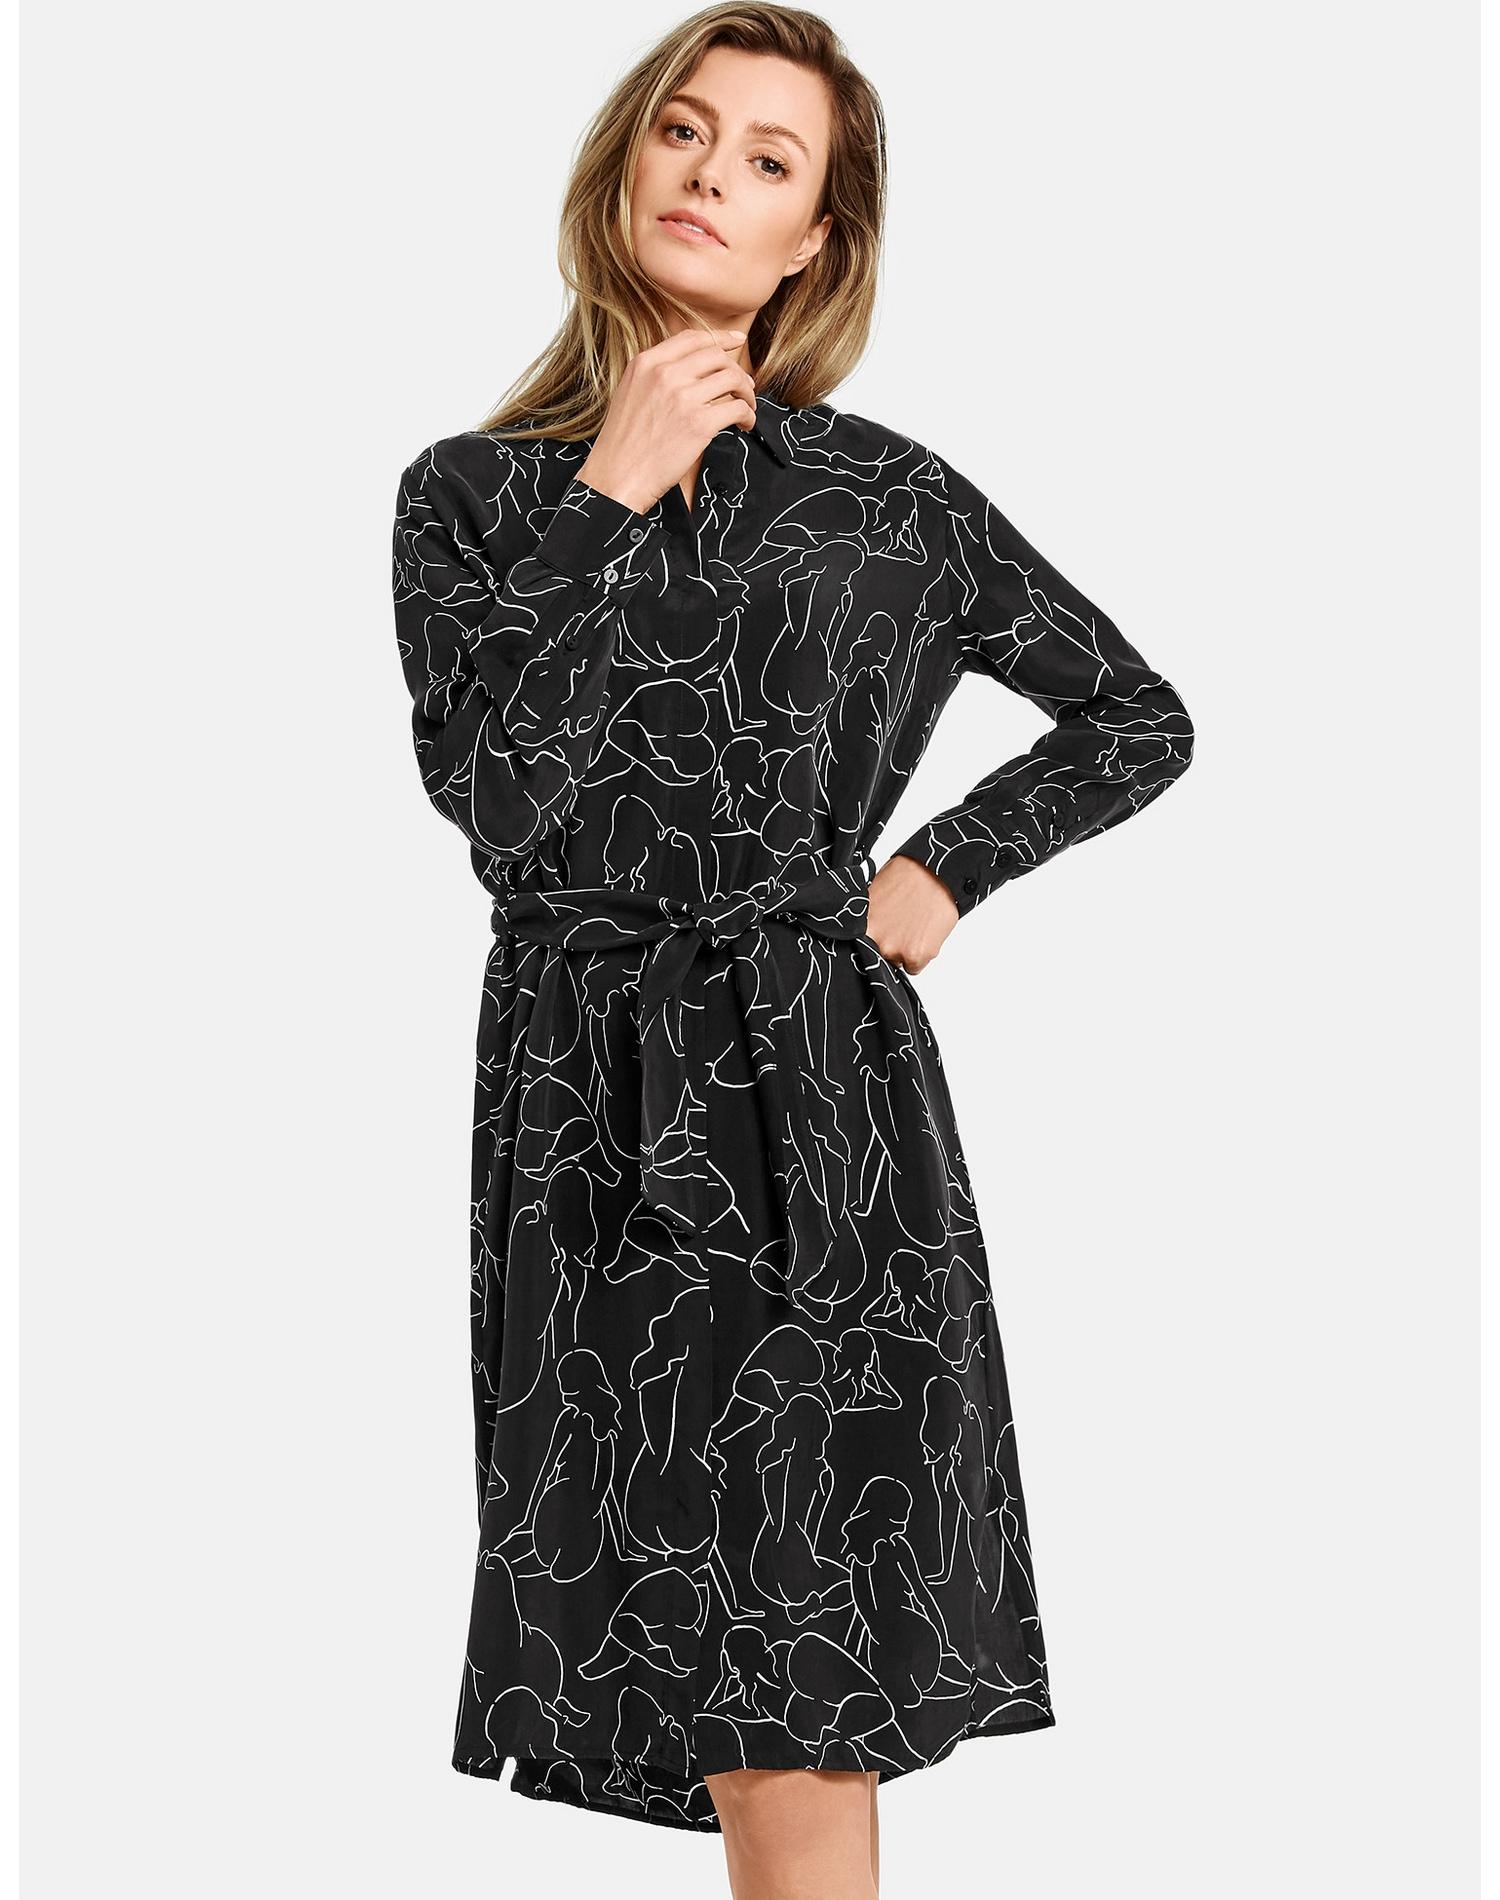 Image of GERRY WEBER Kleid Gewebe »Hemdblusenkleid mit Art-Print«